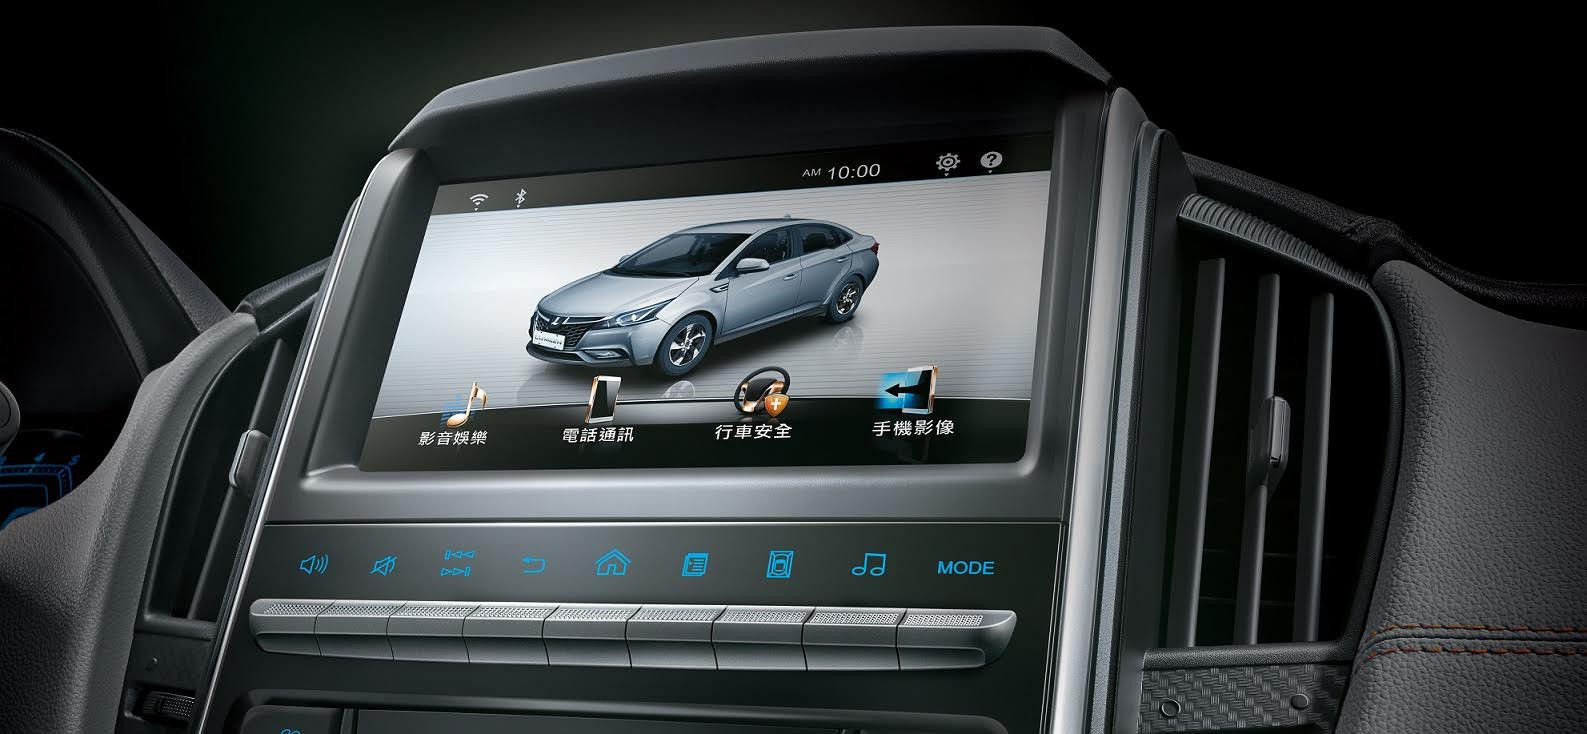 NVIDIA Tegra 平台攻入 LUXGEN ,成為新一代車載娛樂系統核心